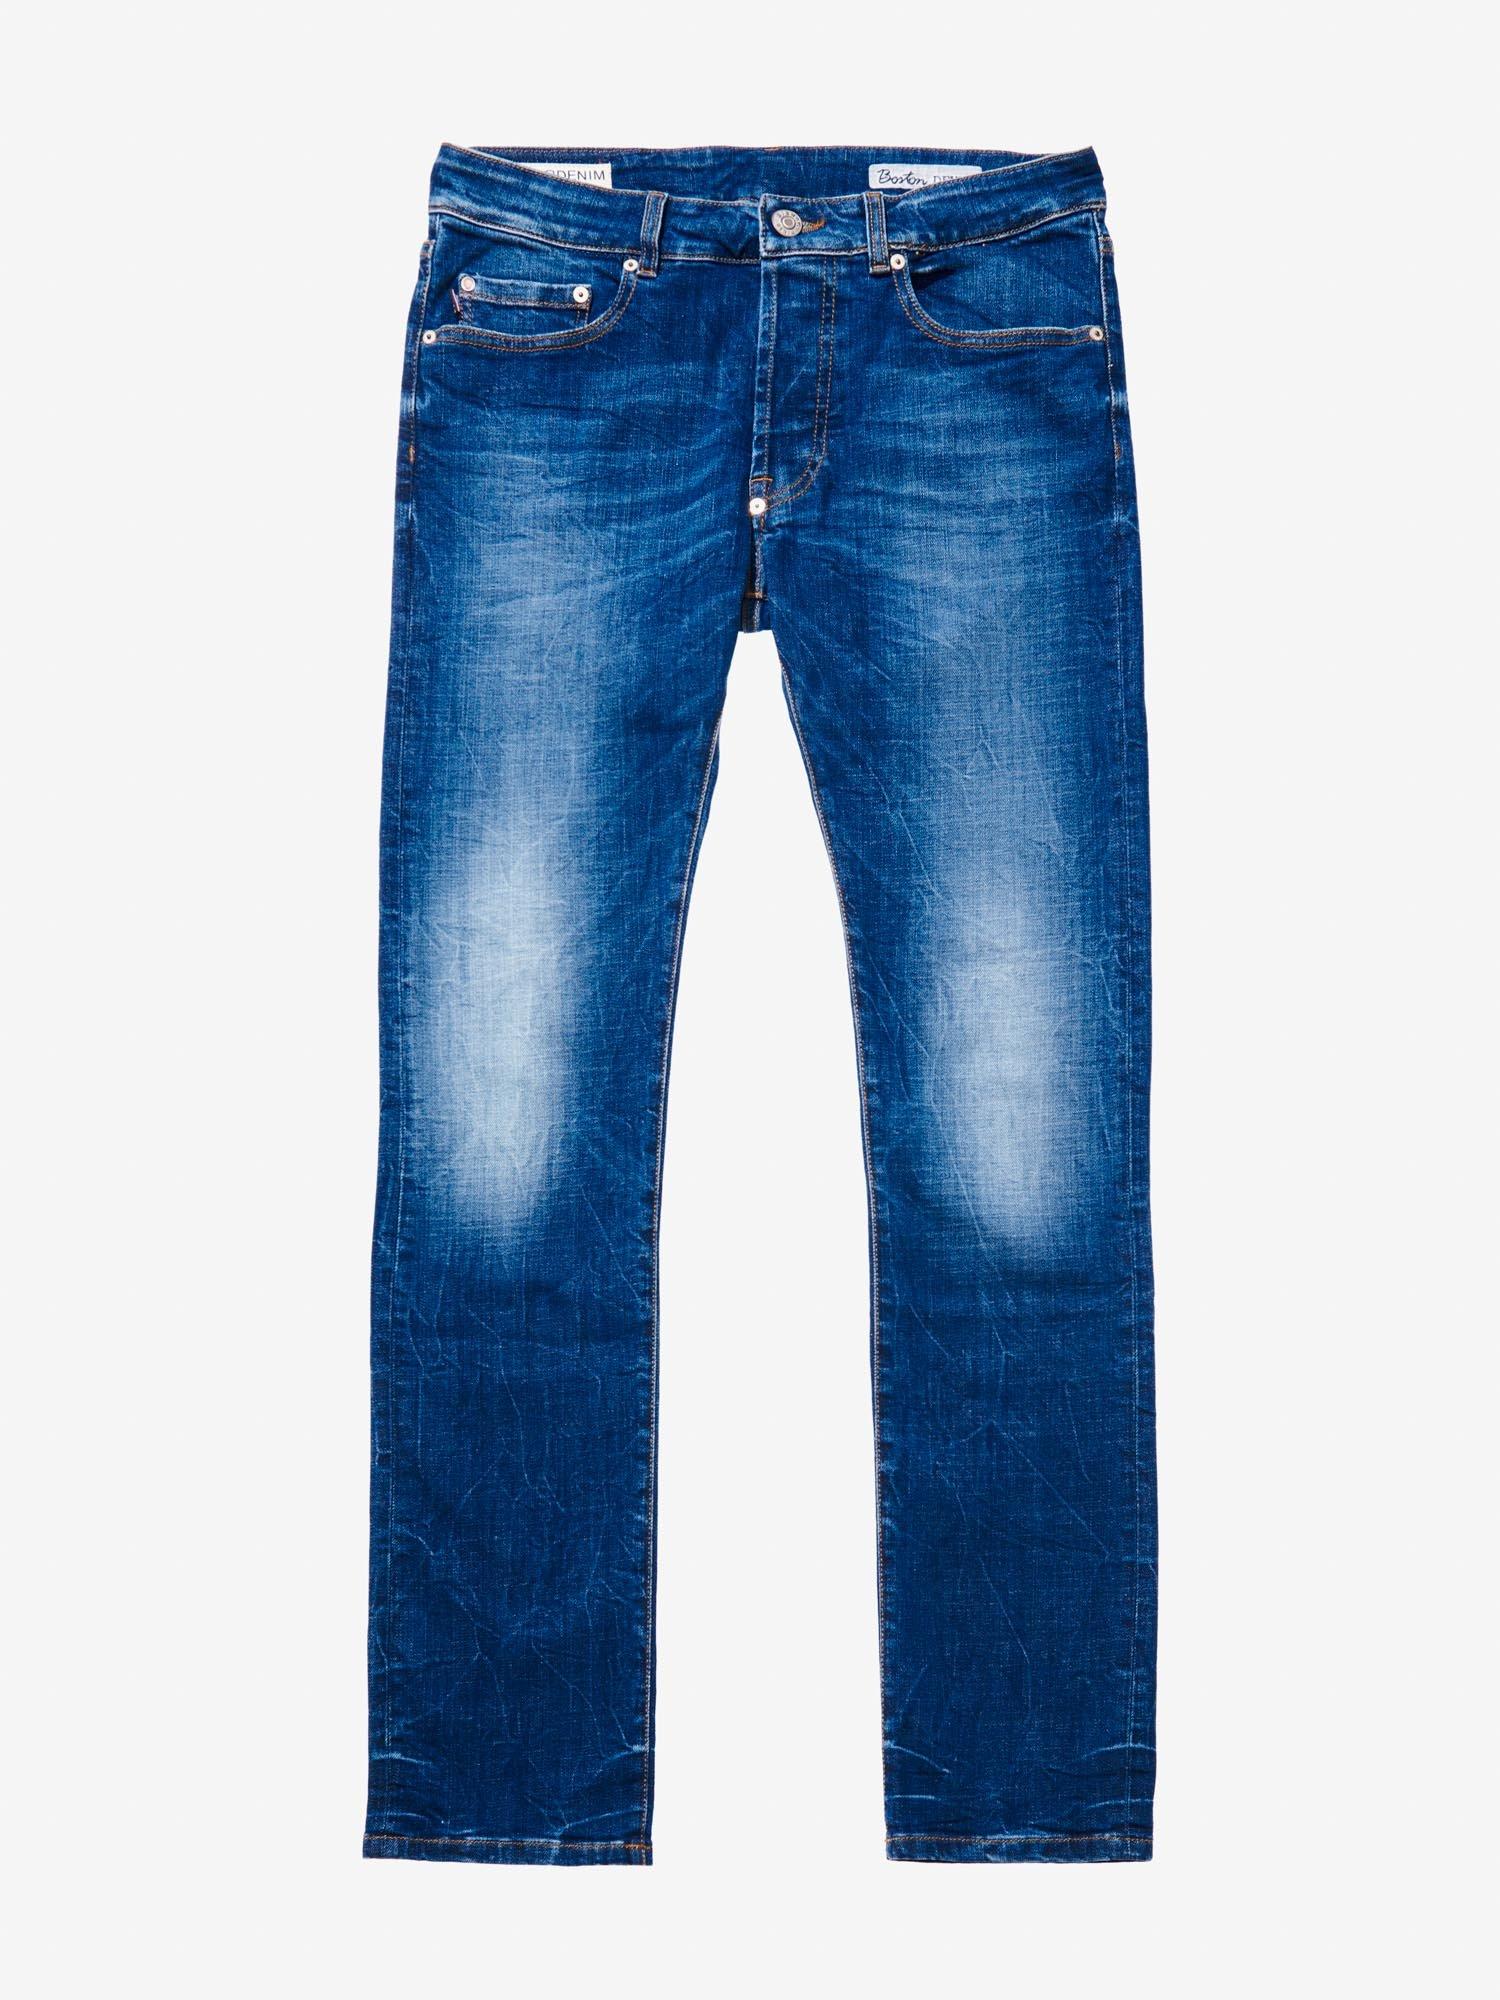 Blauer - BOOT CUT STONE WASHED DENIM - Denim Washing - Blauer